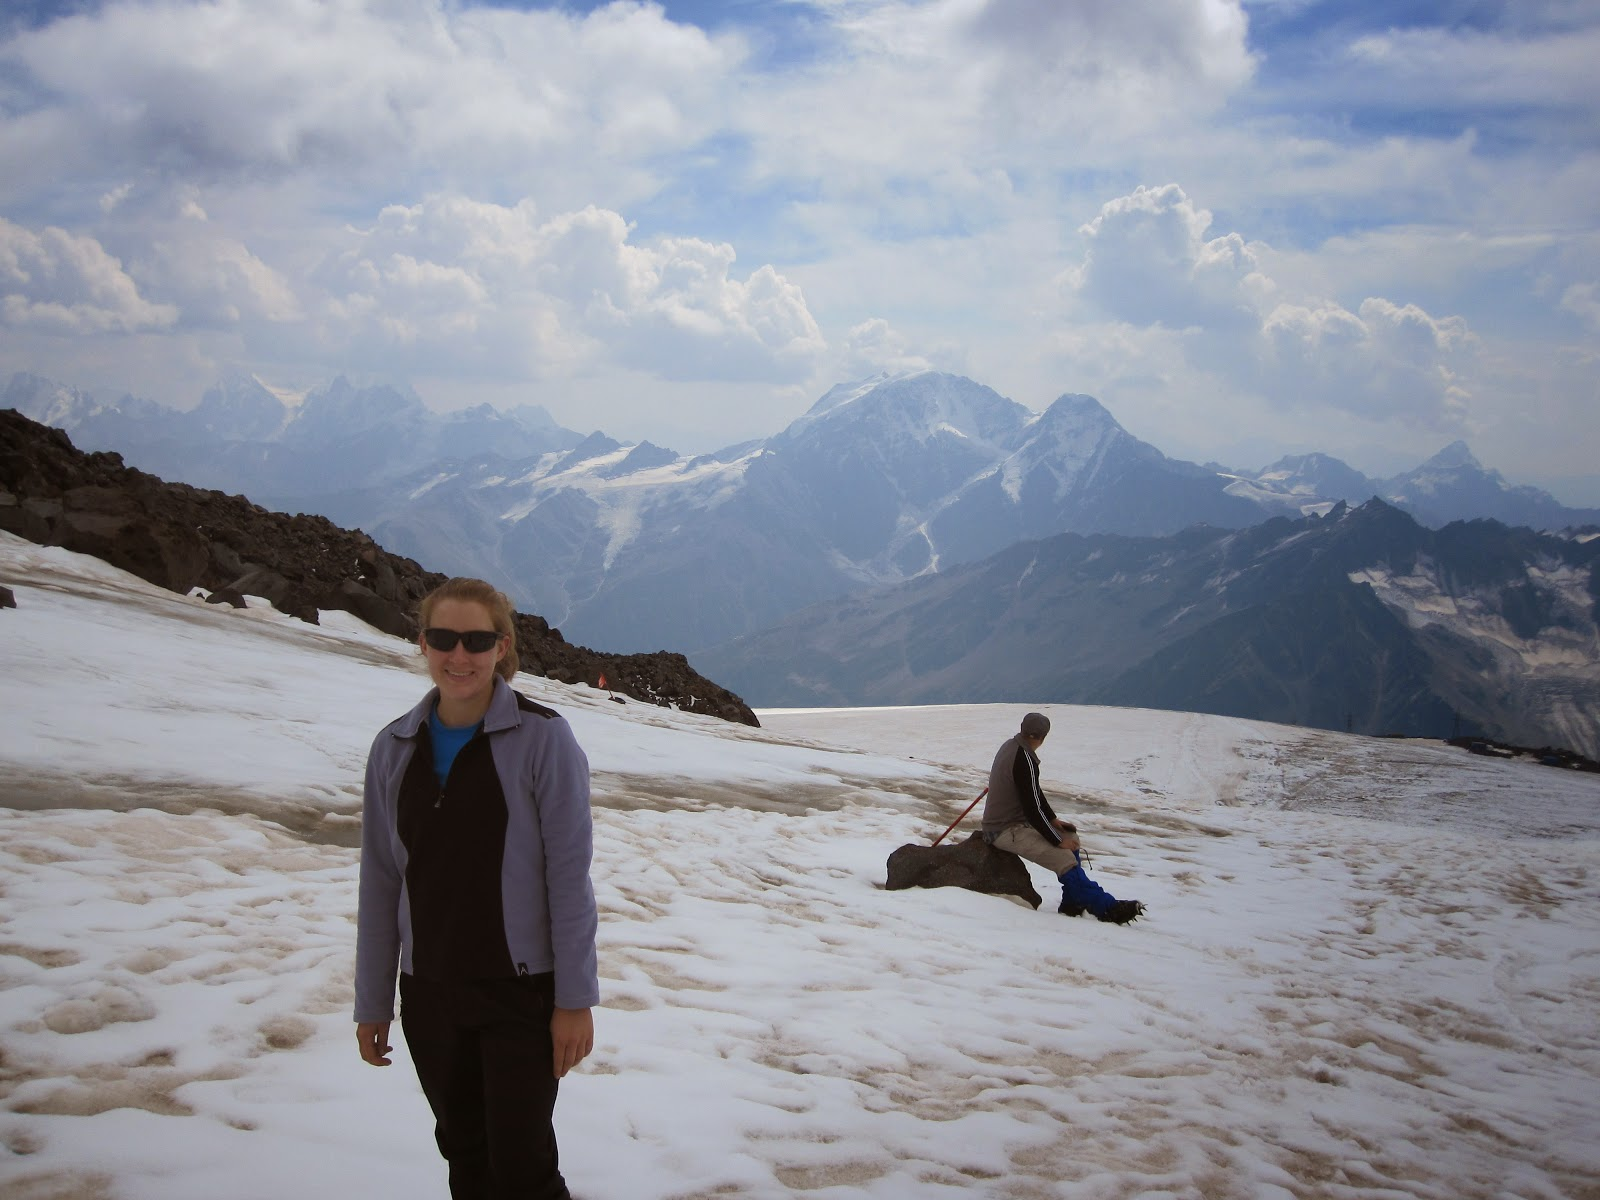 Acclimatization hike up Mount Elbrus